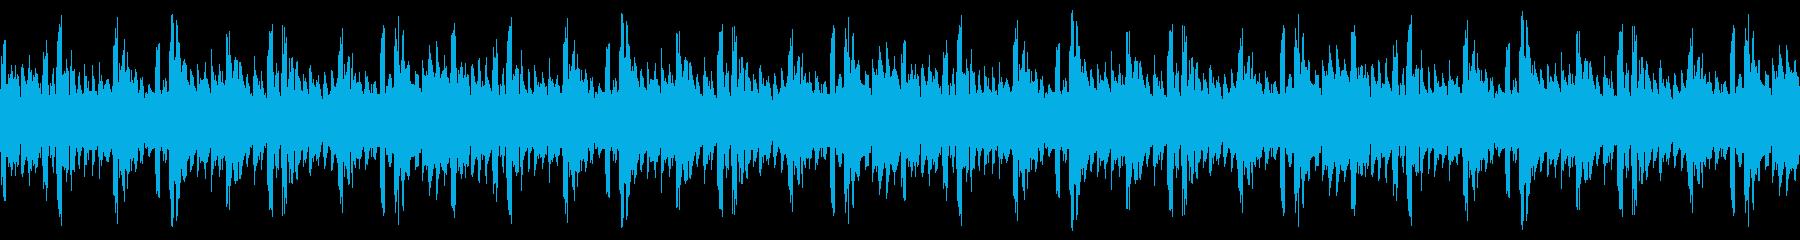 シンセサイザーと8ビットサウンドを...の再生済みの波形